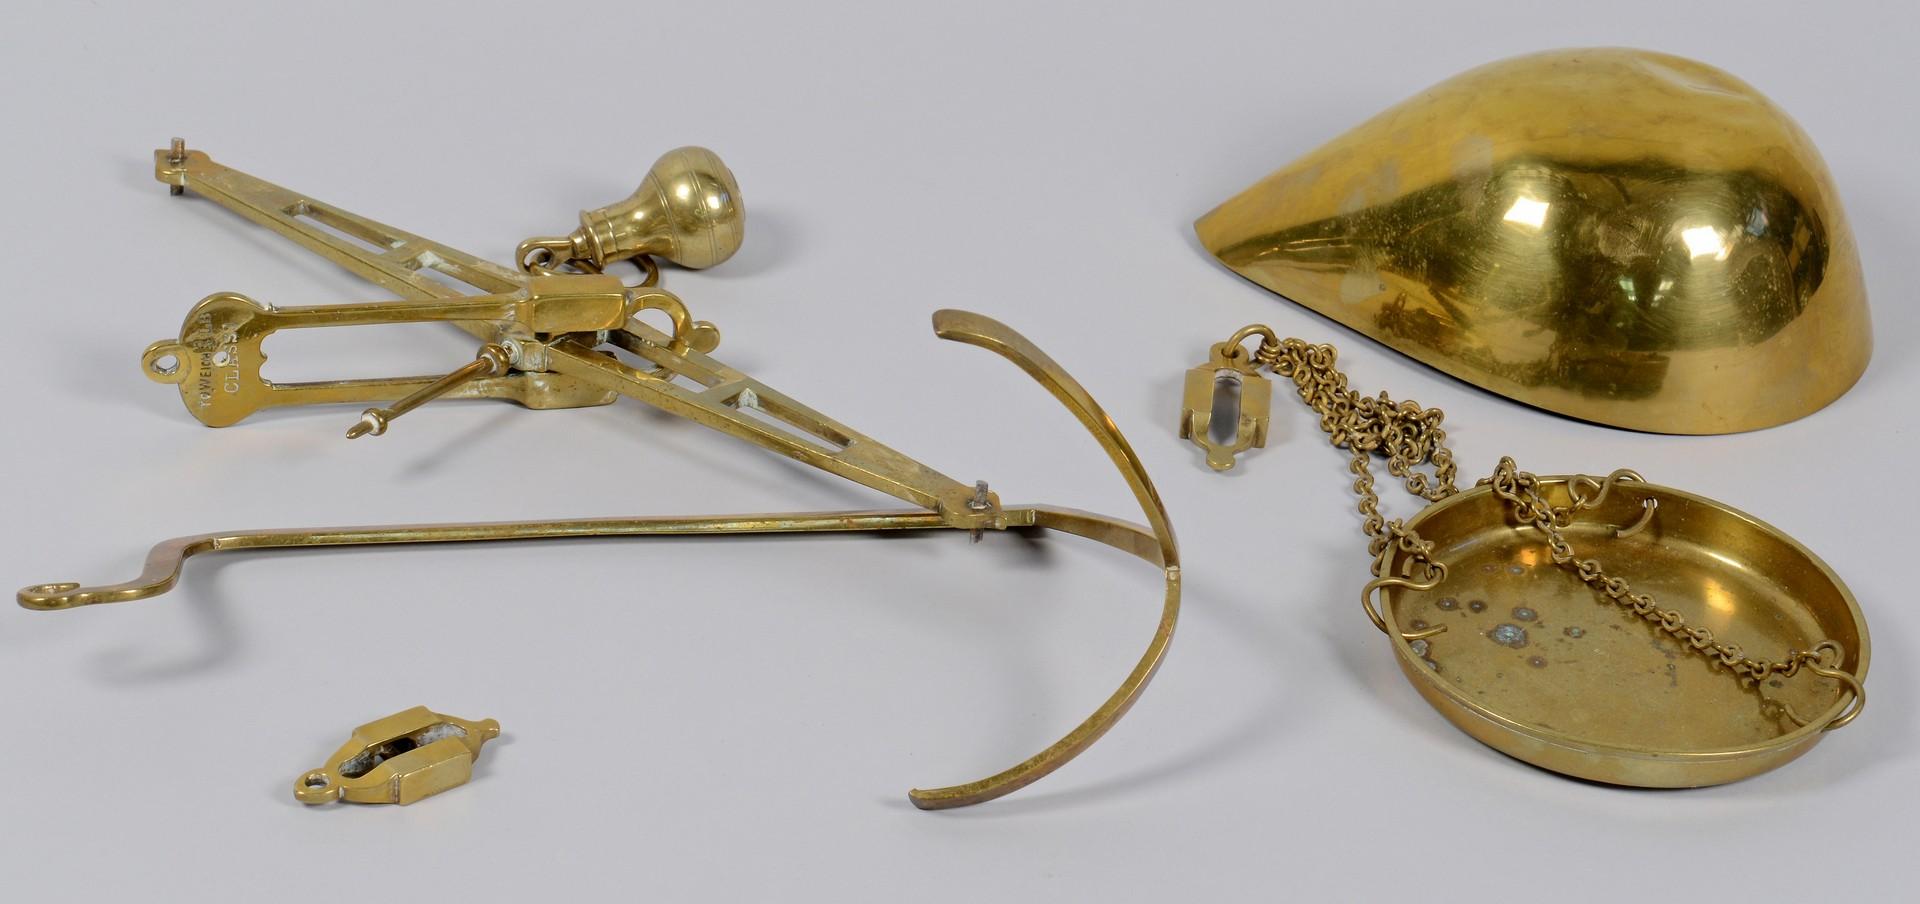 Lot 158: Bartlett Brass Scales w/ Lap Desks